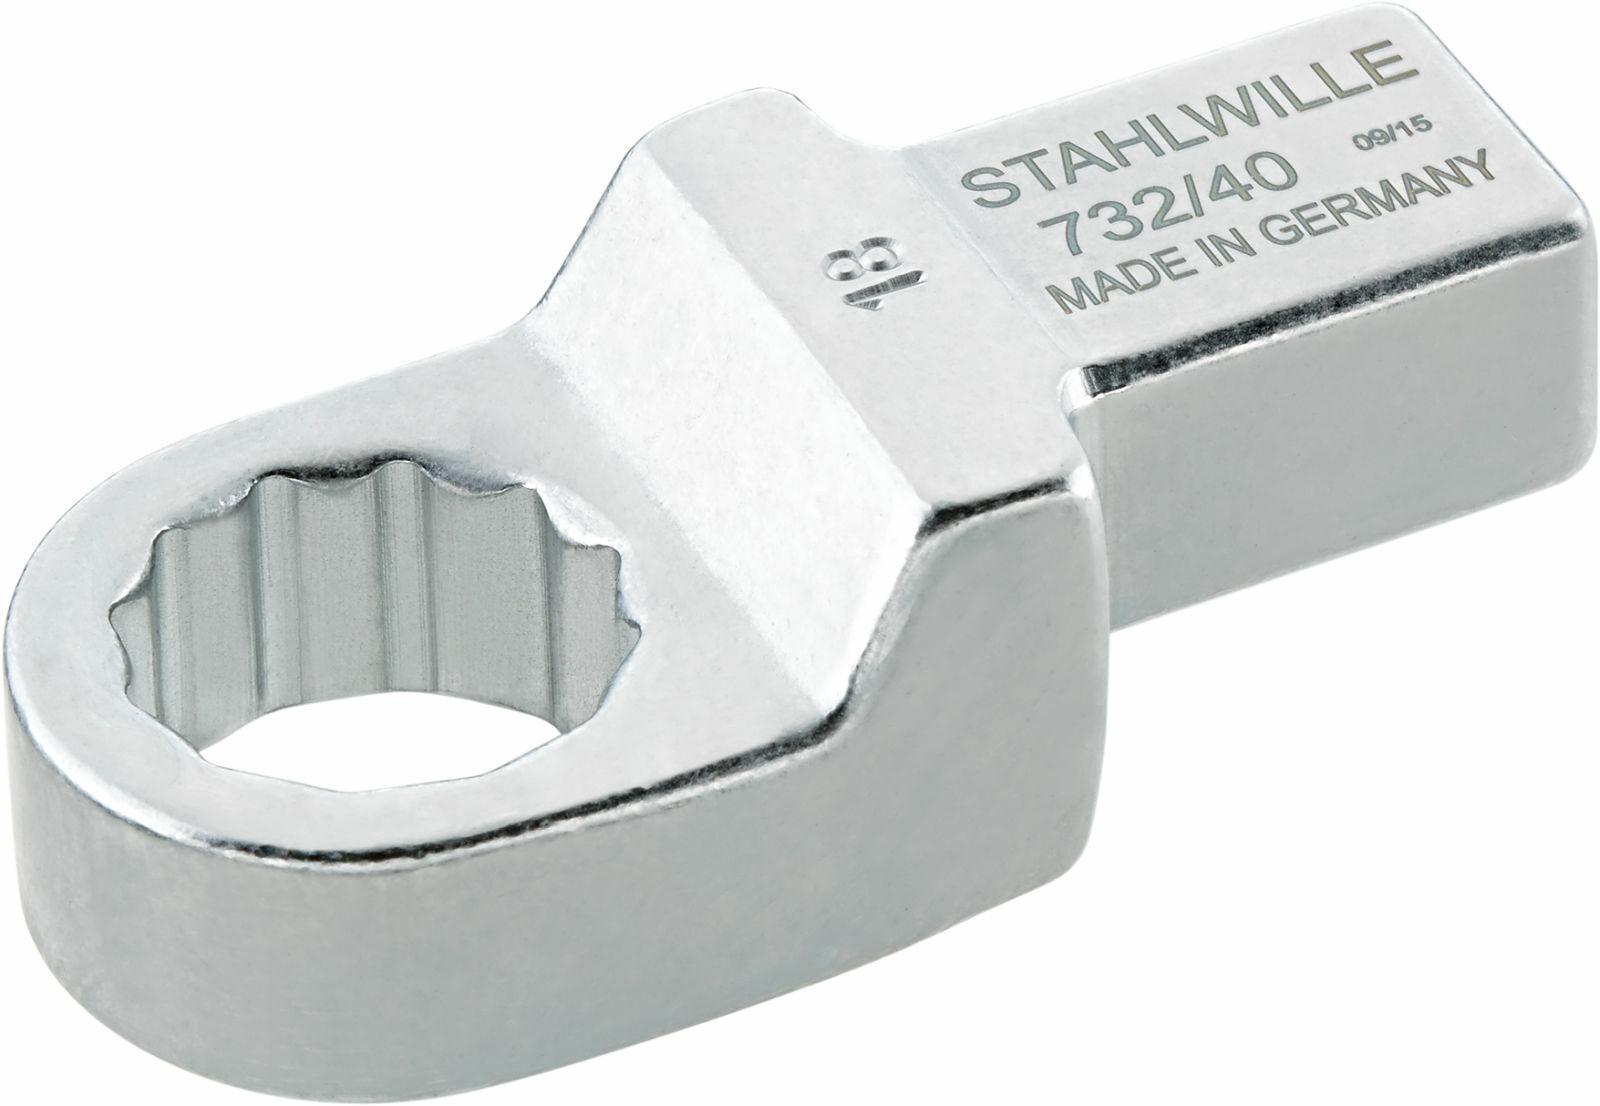 Stahlwille RING INSERT TOOL 14 X 18 MM 58224034